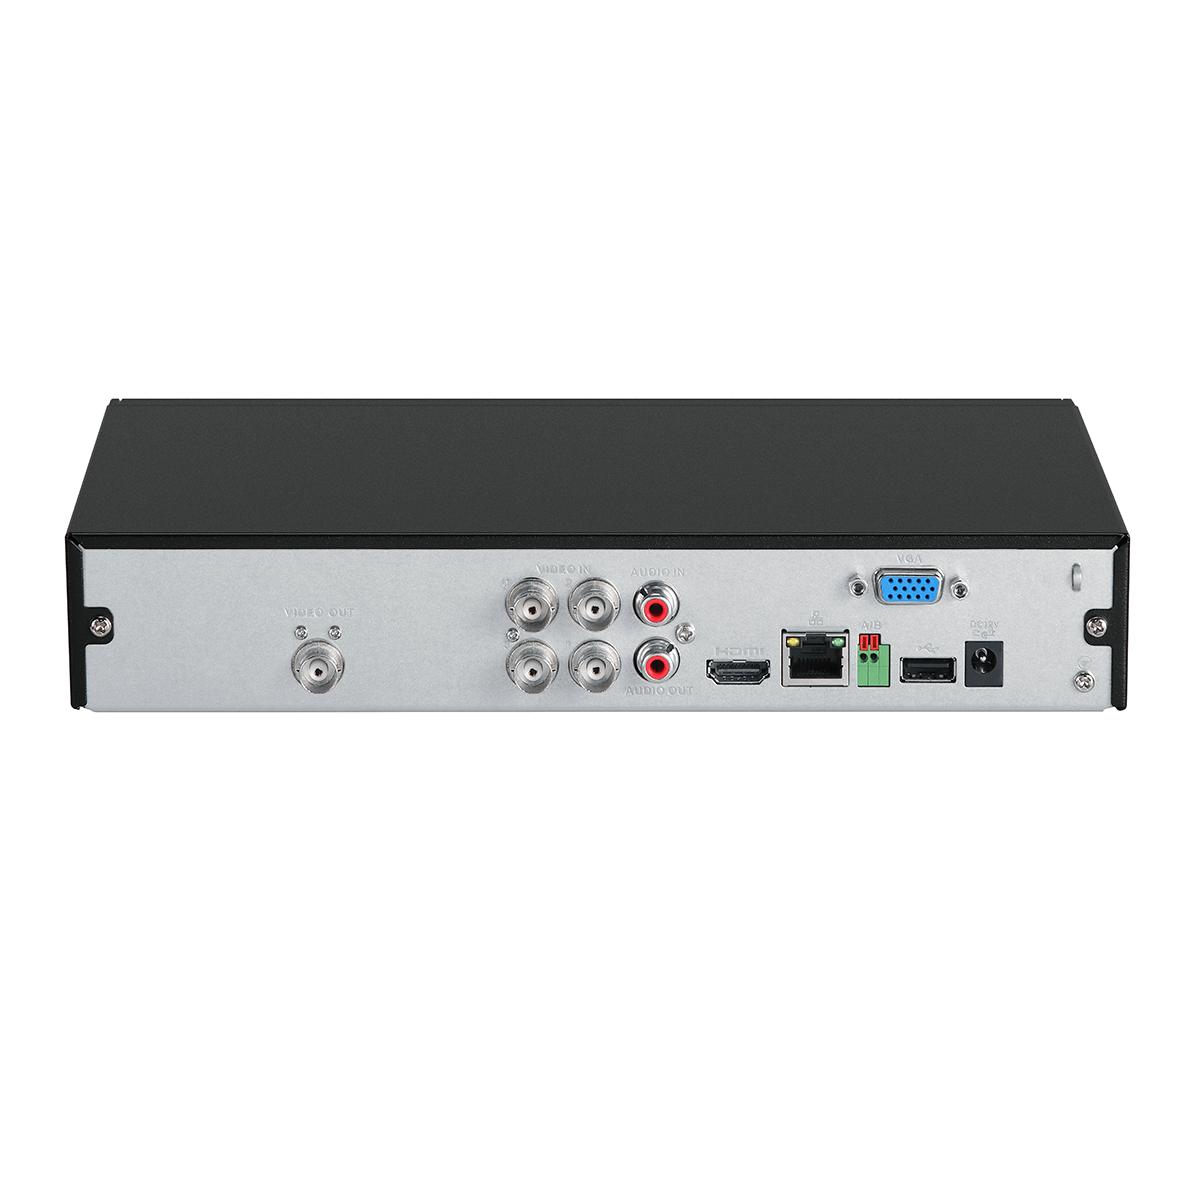 DVR Gravador de Vídeo 4 Canais HD 720p - 1080p Lite MHDX 1104 Intelbras